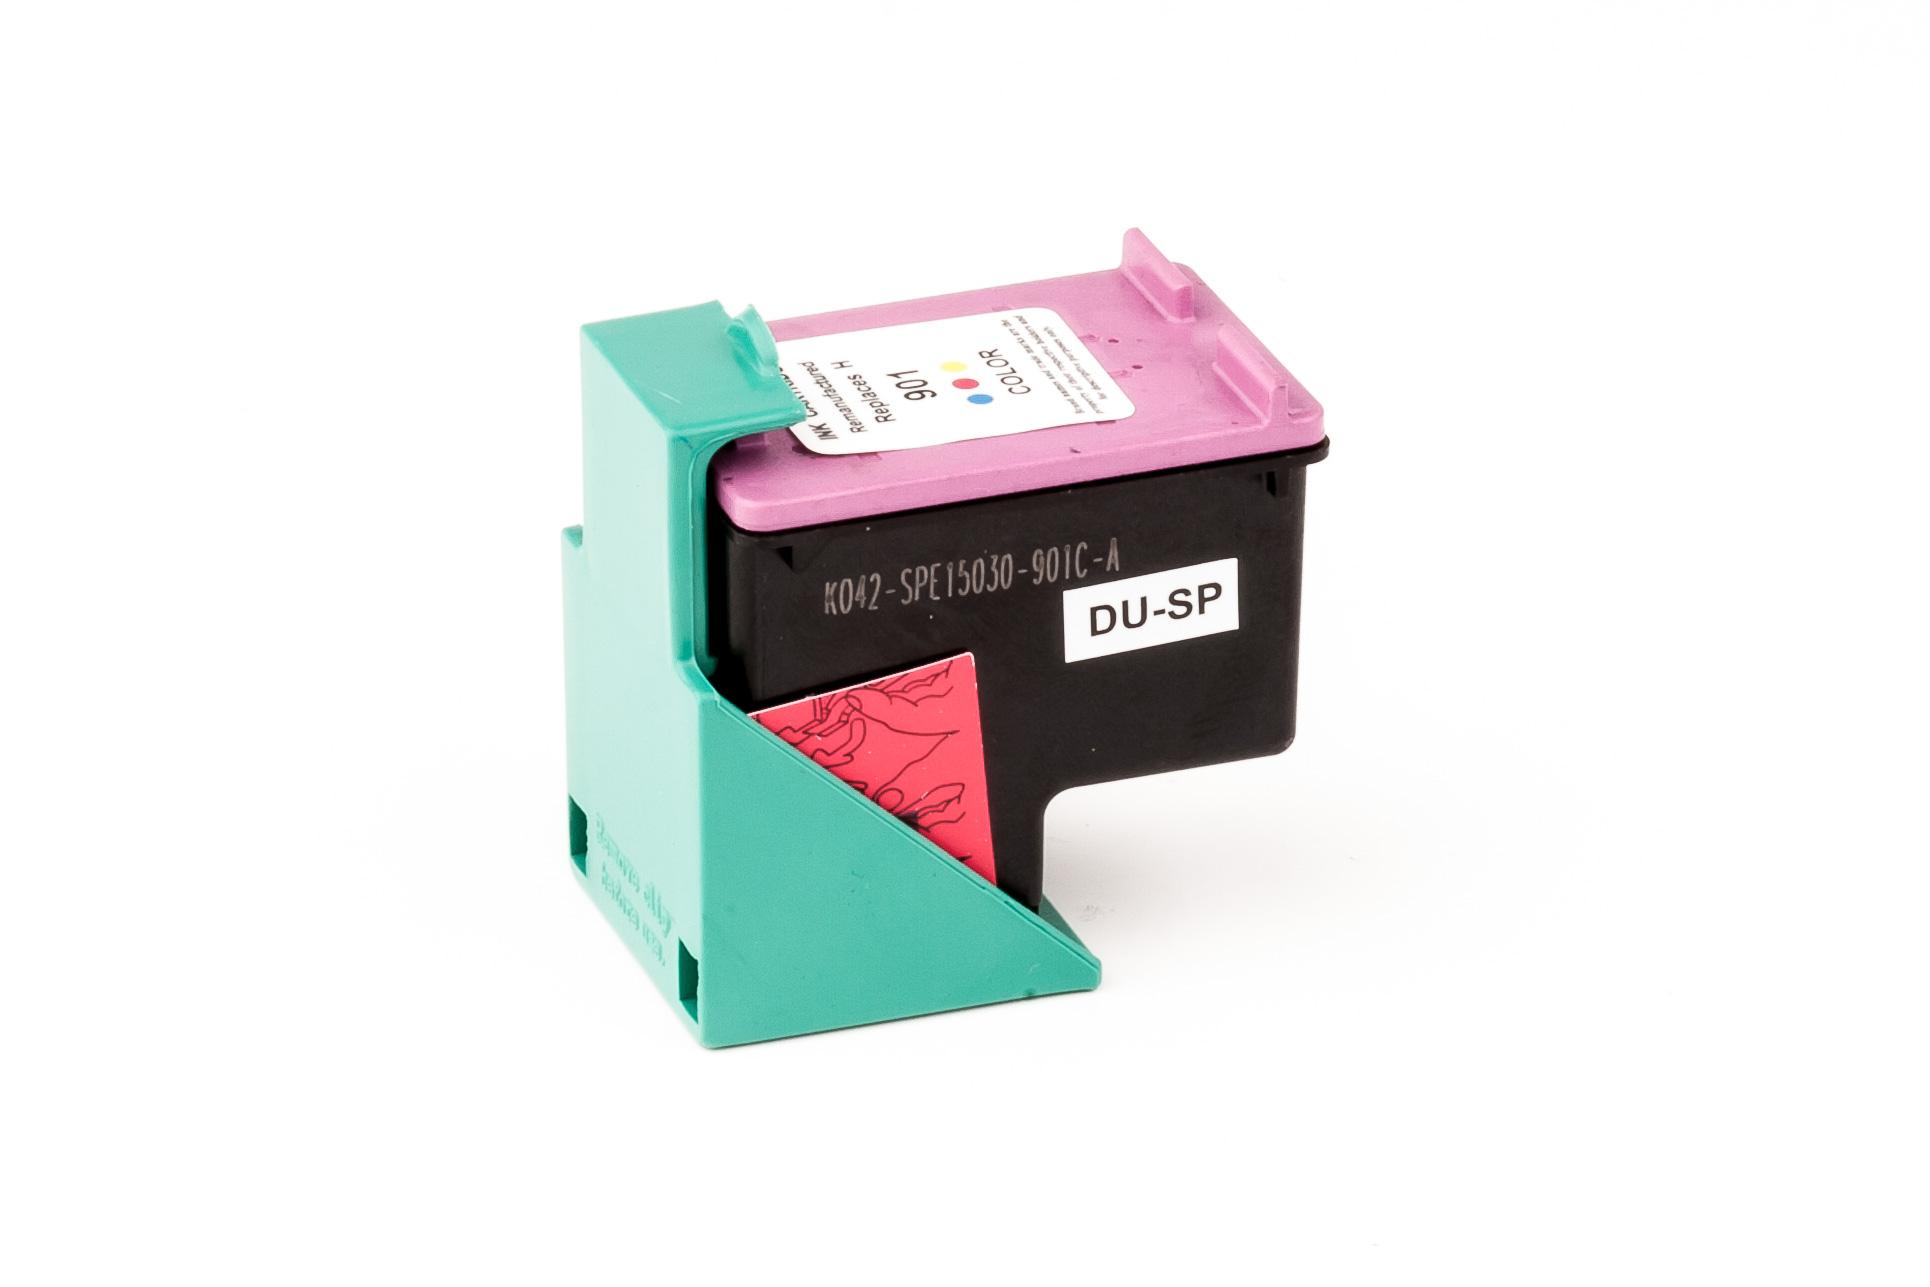 ASC-Premium-Druckkopf für HP OfficeJet 4500 Wireless color OfficeJet 4500 Wireless OfficeJet4500Wireless